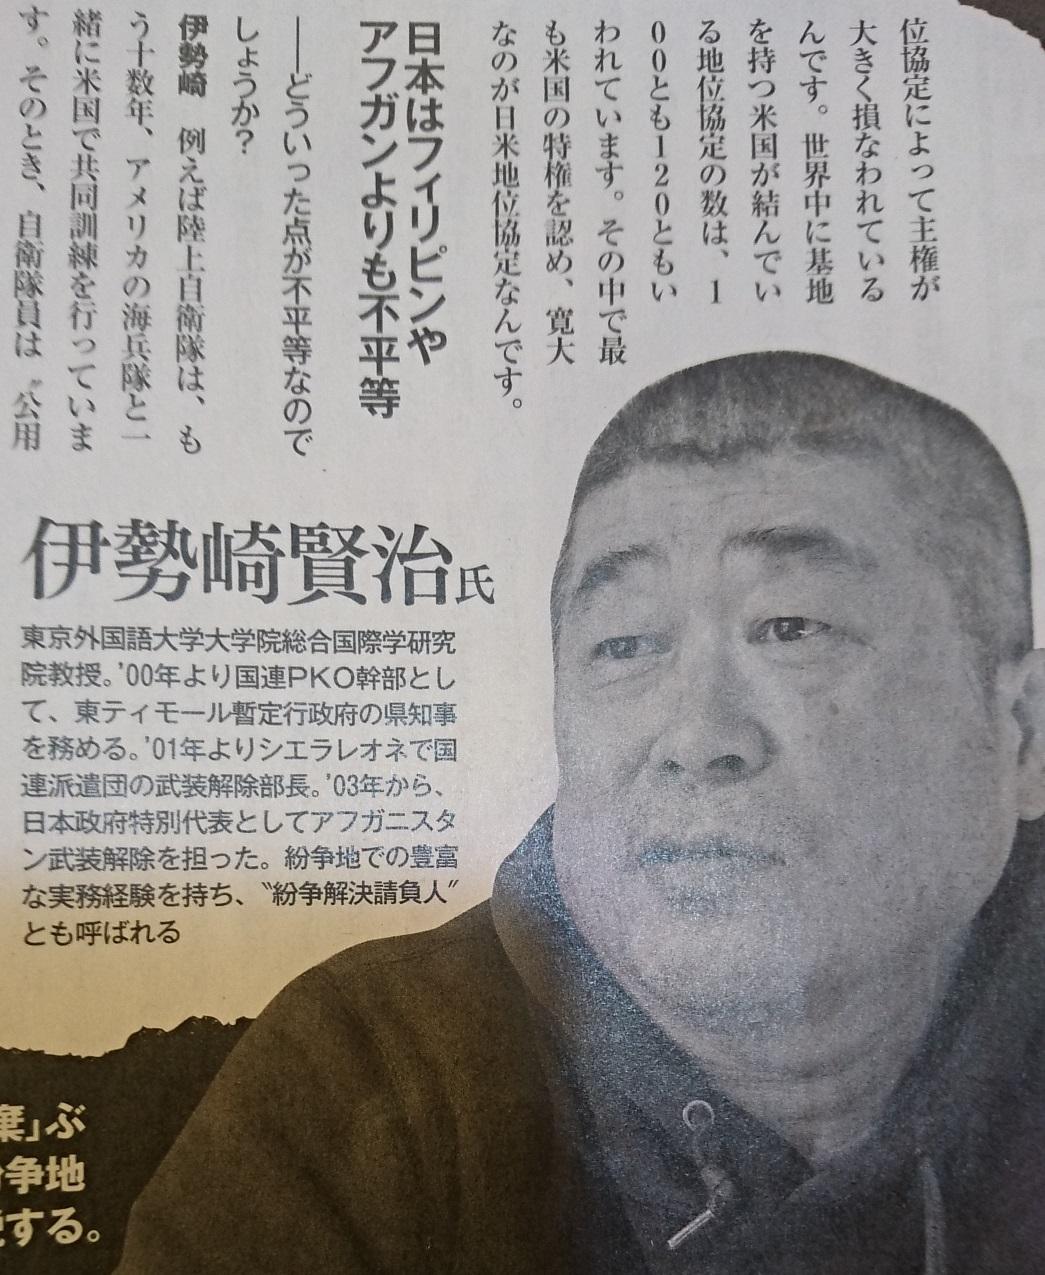 2019.3.8 伊勢崎賢治さん 1045-1275